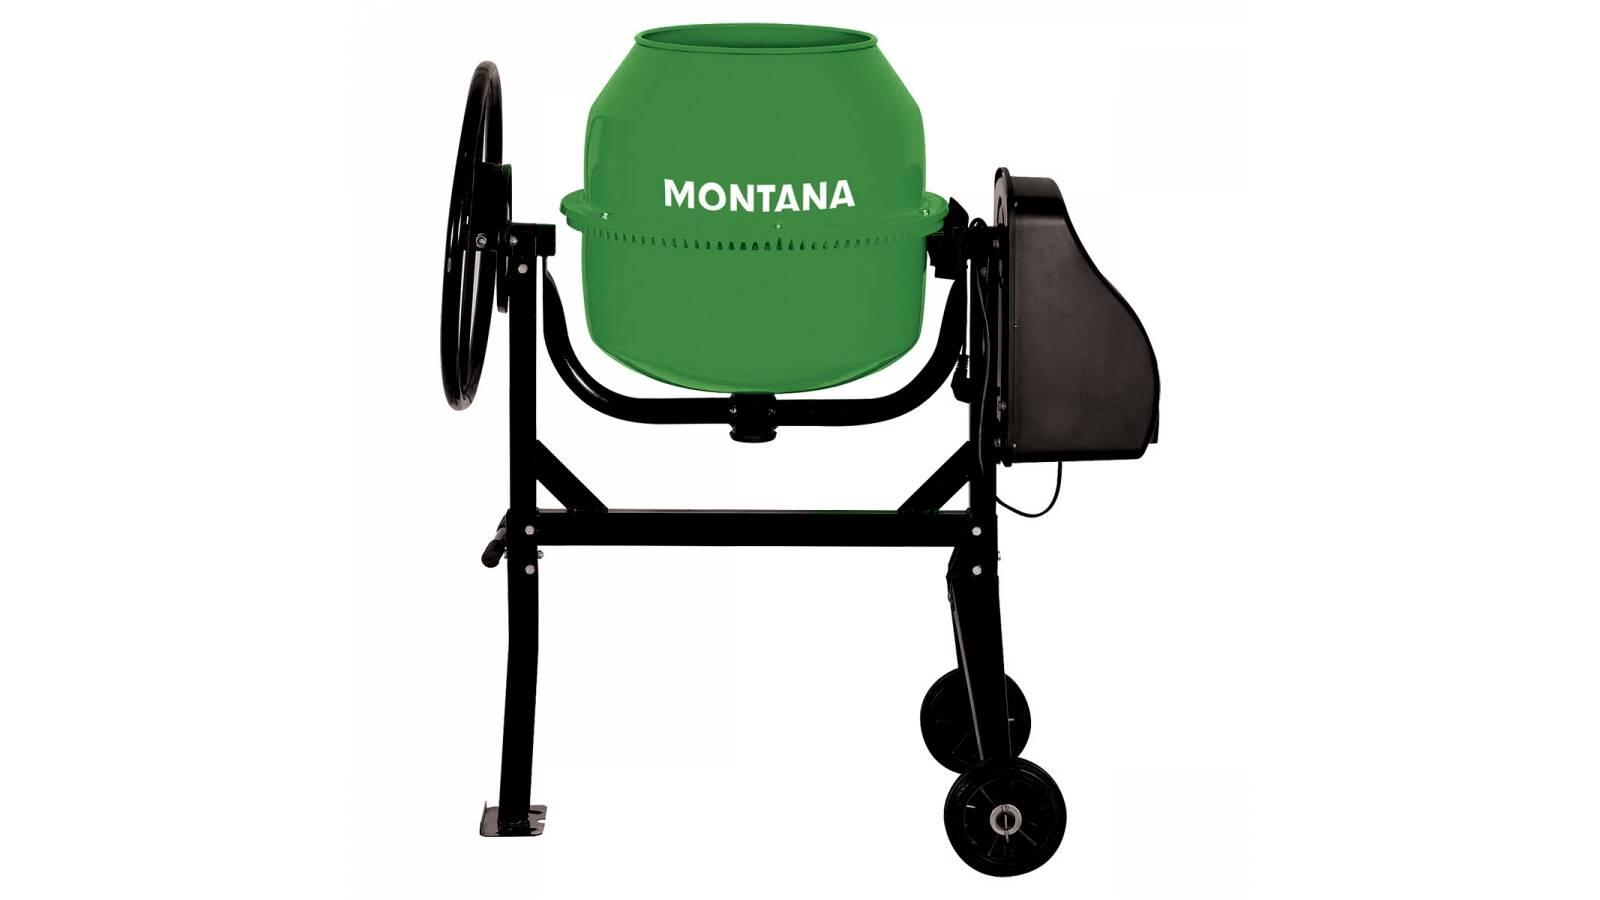 Hormigonera Montana de 0,7 HP / 120 lts